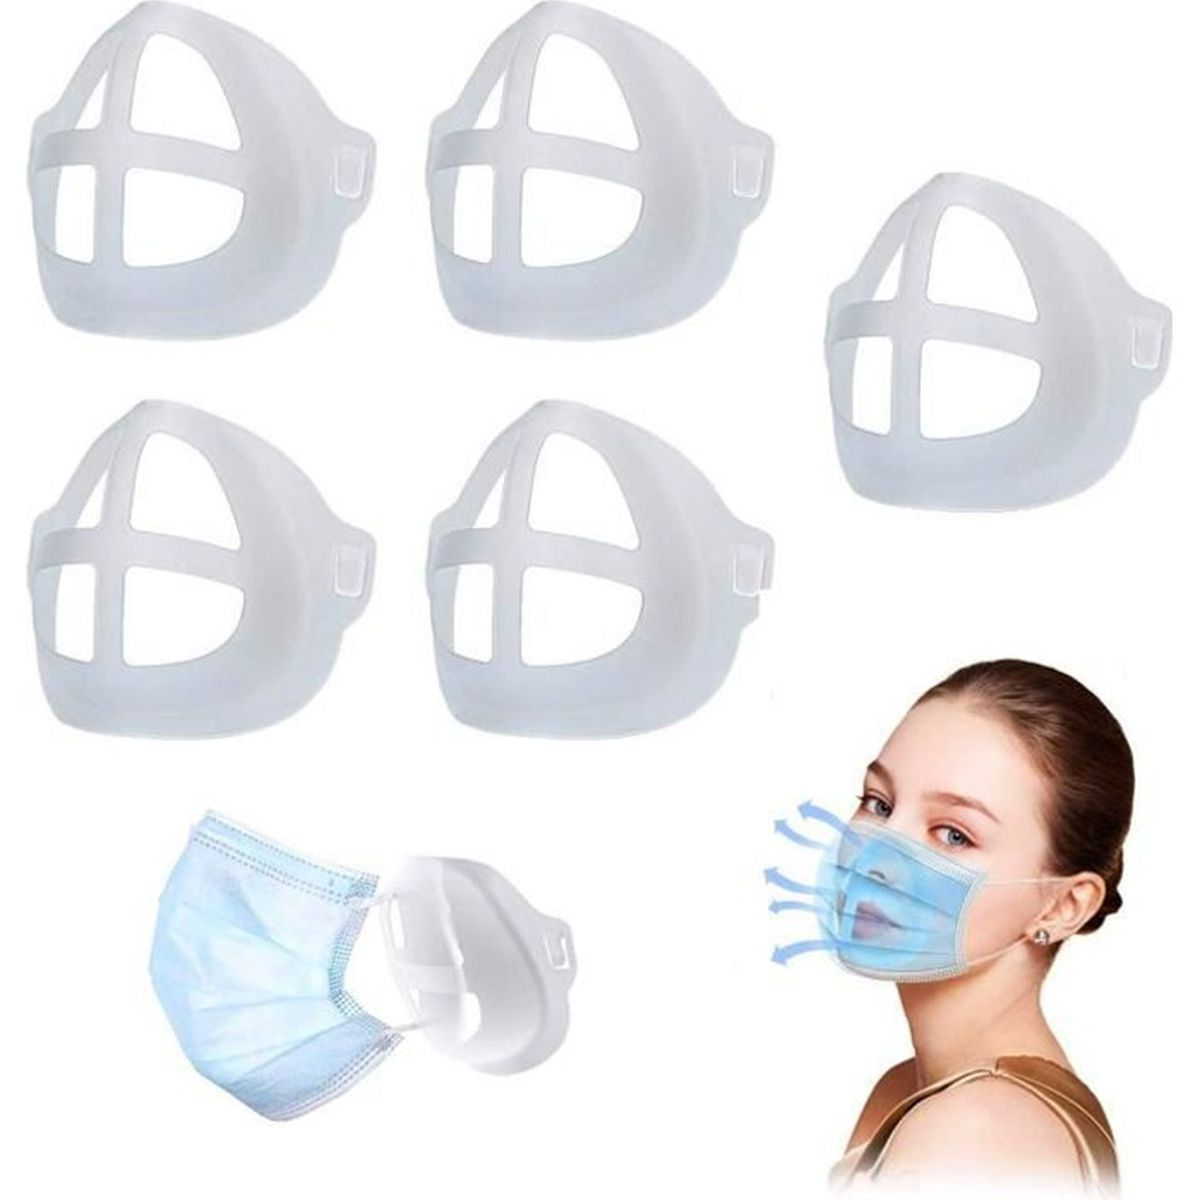 Cadre de Support de Masque TriLance 2pcs Supports 3D en Silicone pour Masque Coussin Int/érieur pour Protection du Rouge /à L/èvres Tampon Nasal pour Bouche et Nez